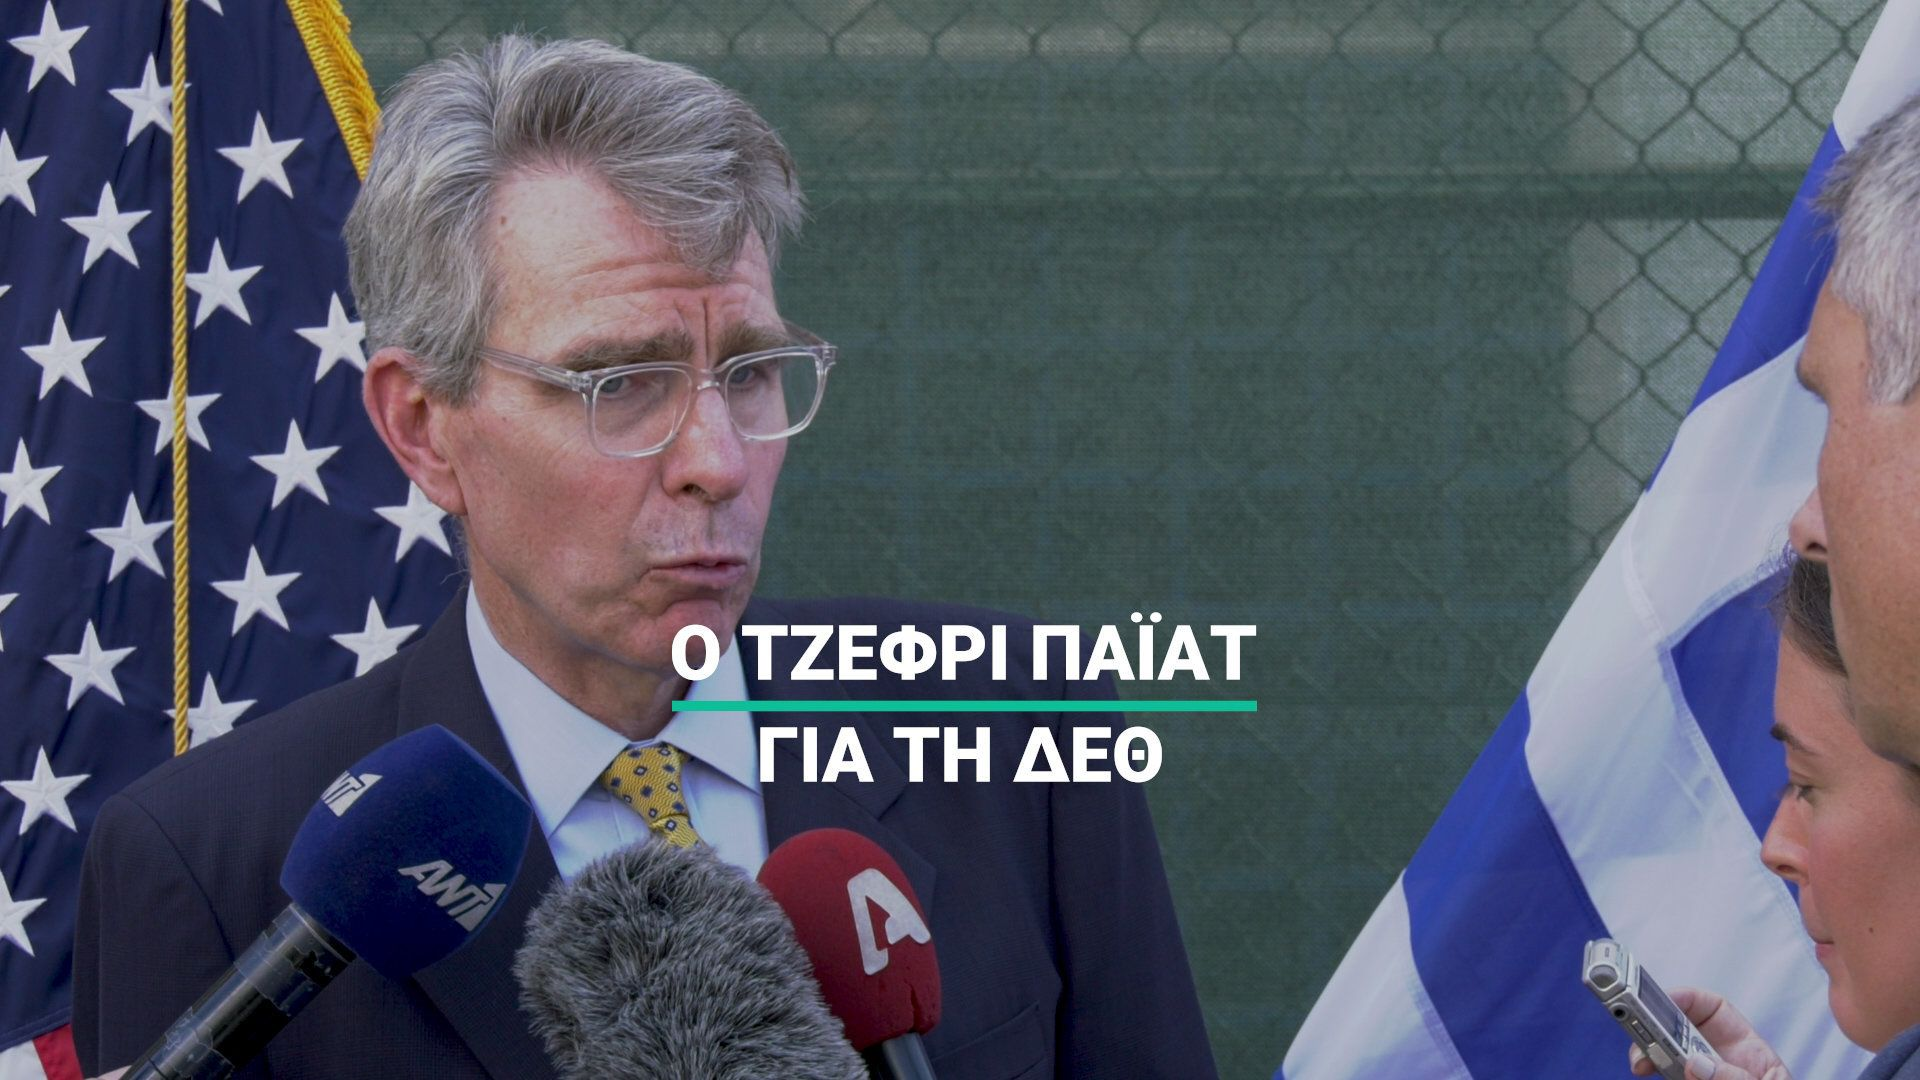 Ο Τζέφρι Πάιατ απαντά στη HuffPost Greece τι σημαίνει η παρουσία των ΗΠΑ στη ΔΕΘ